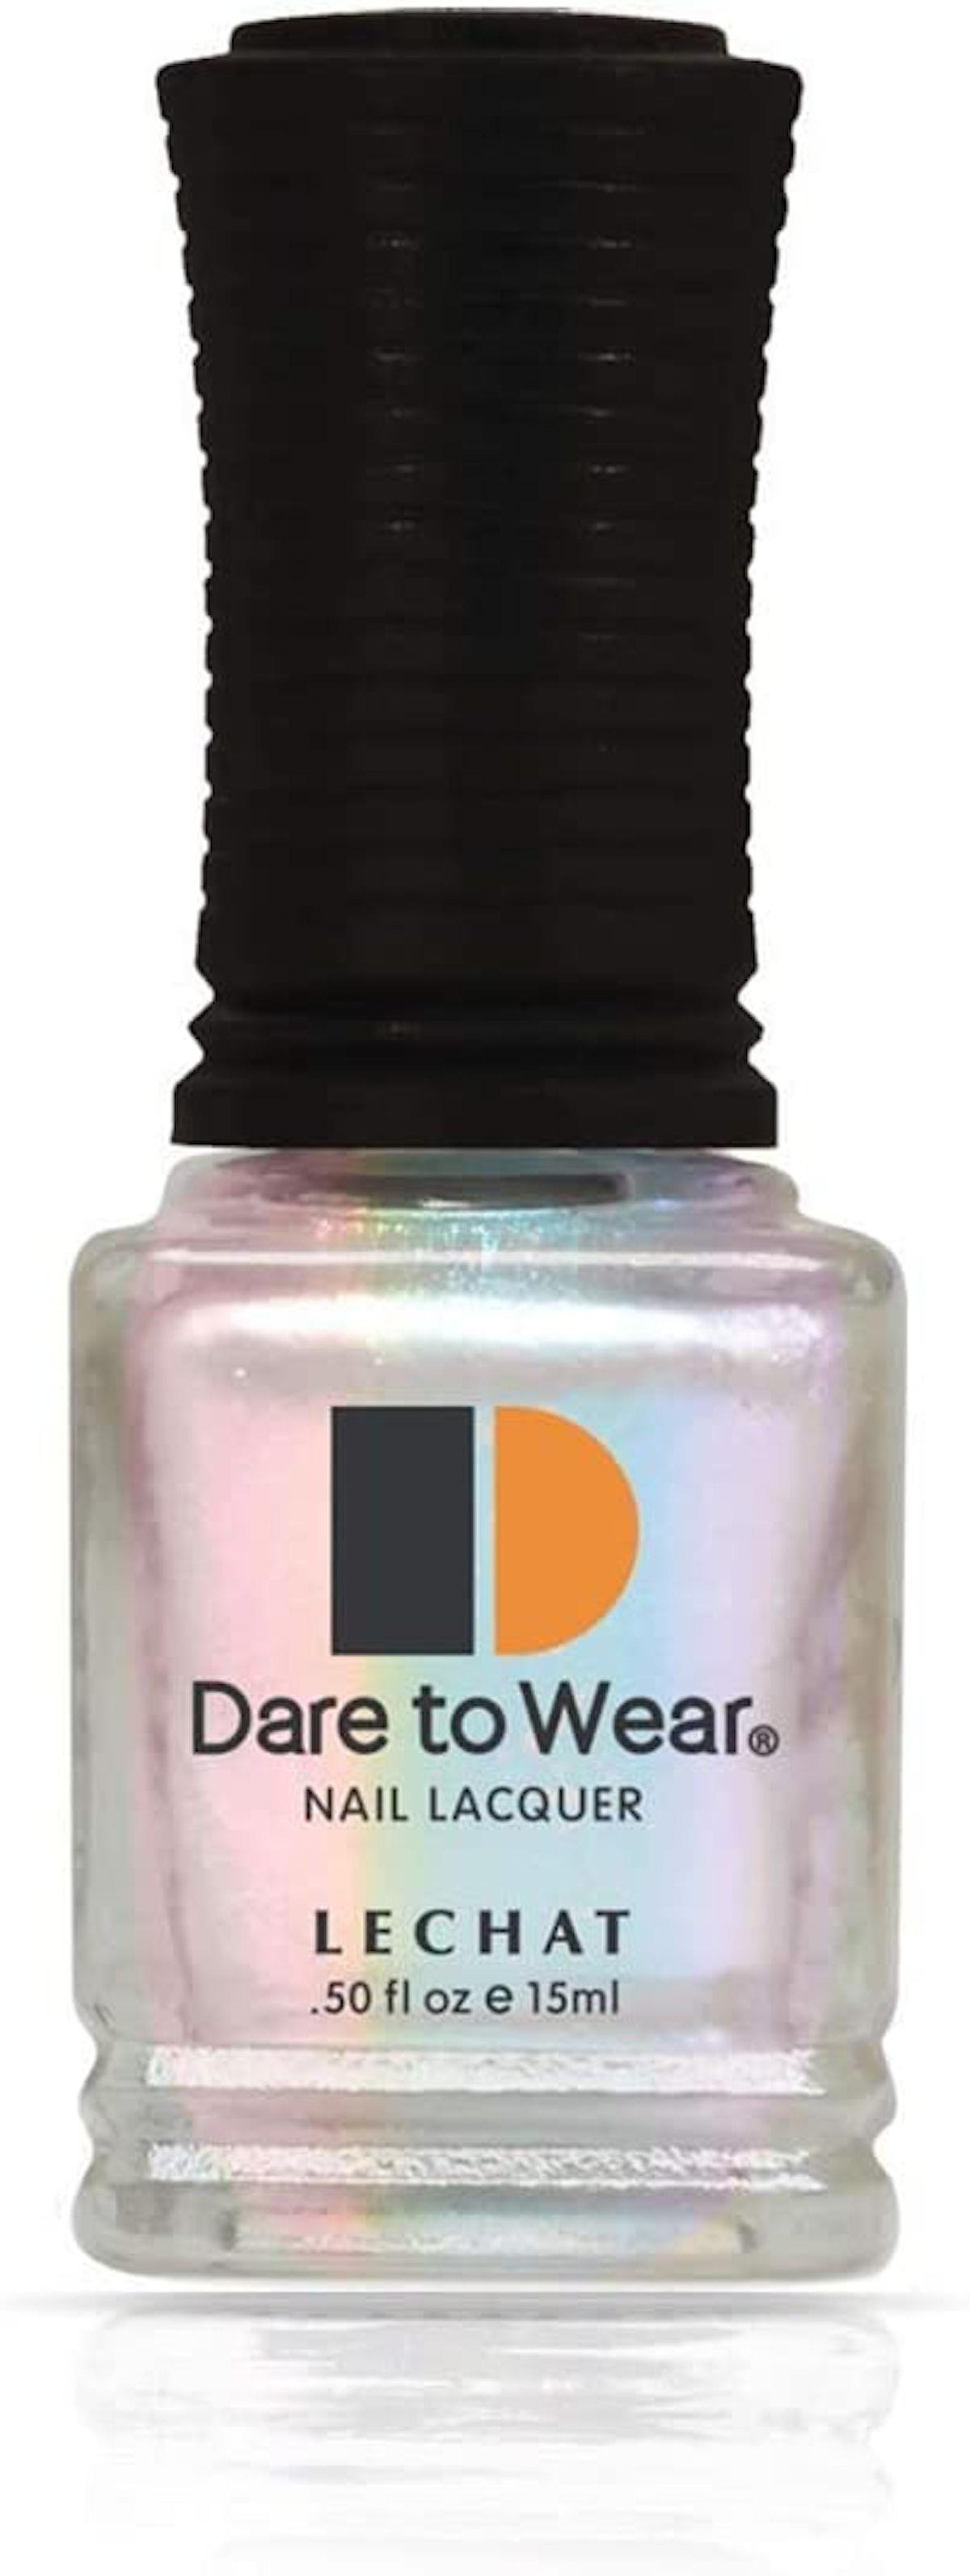 Dare to Wear Metallux Nail Polish in Unicorn Tears